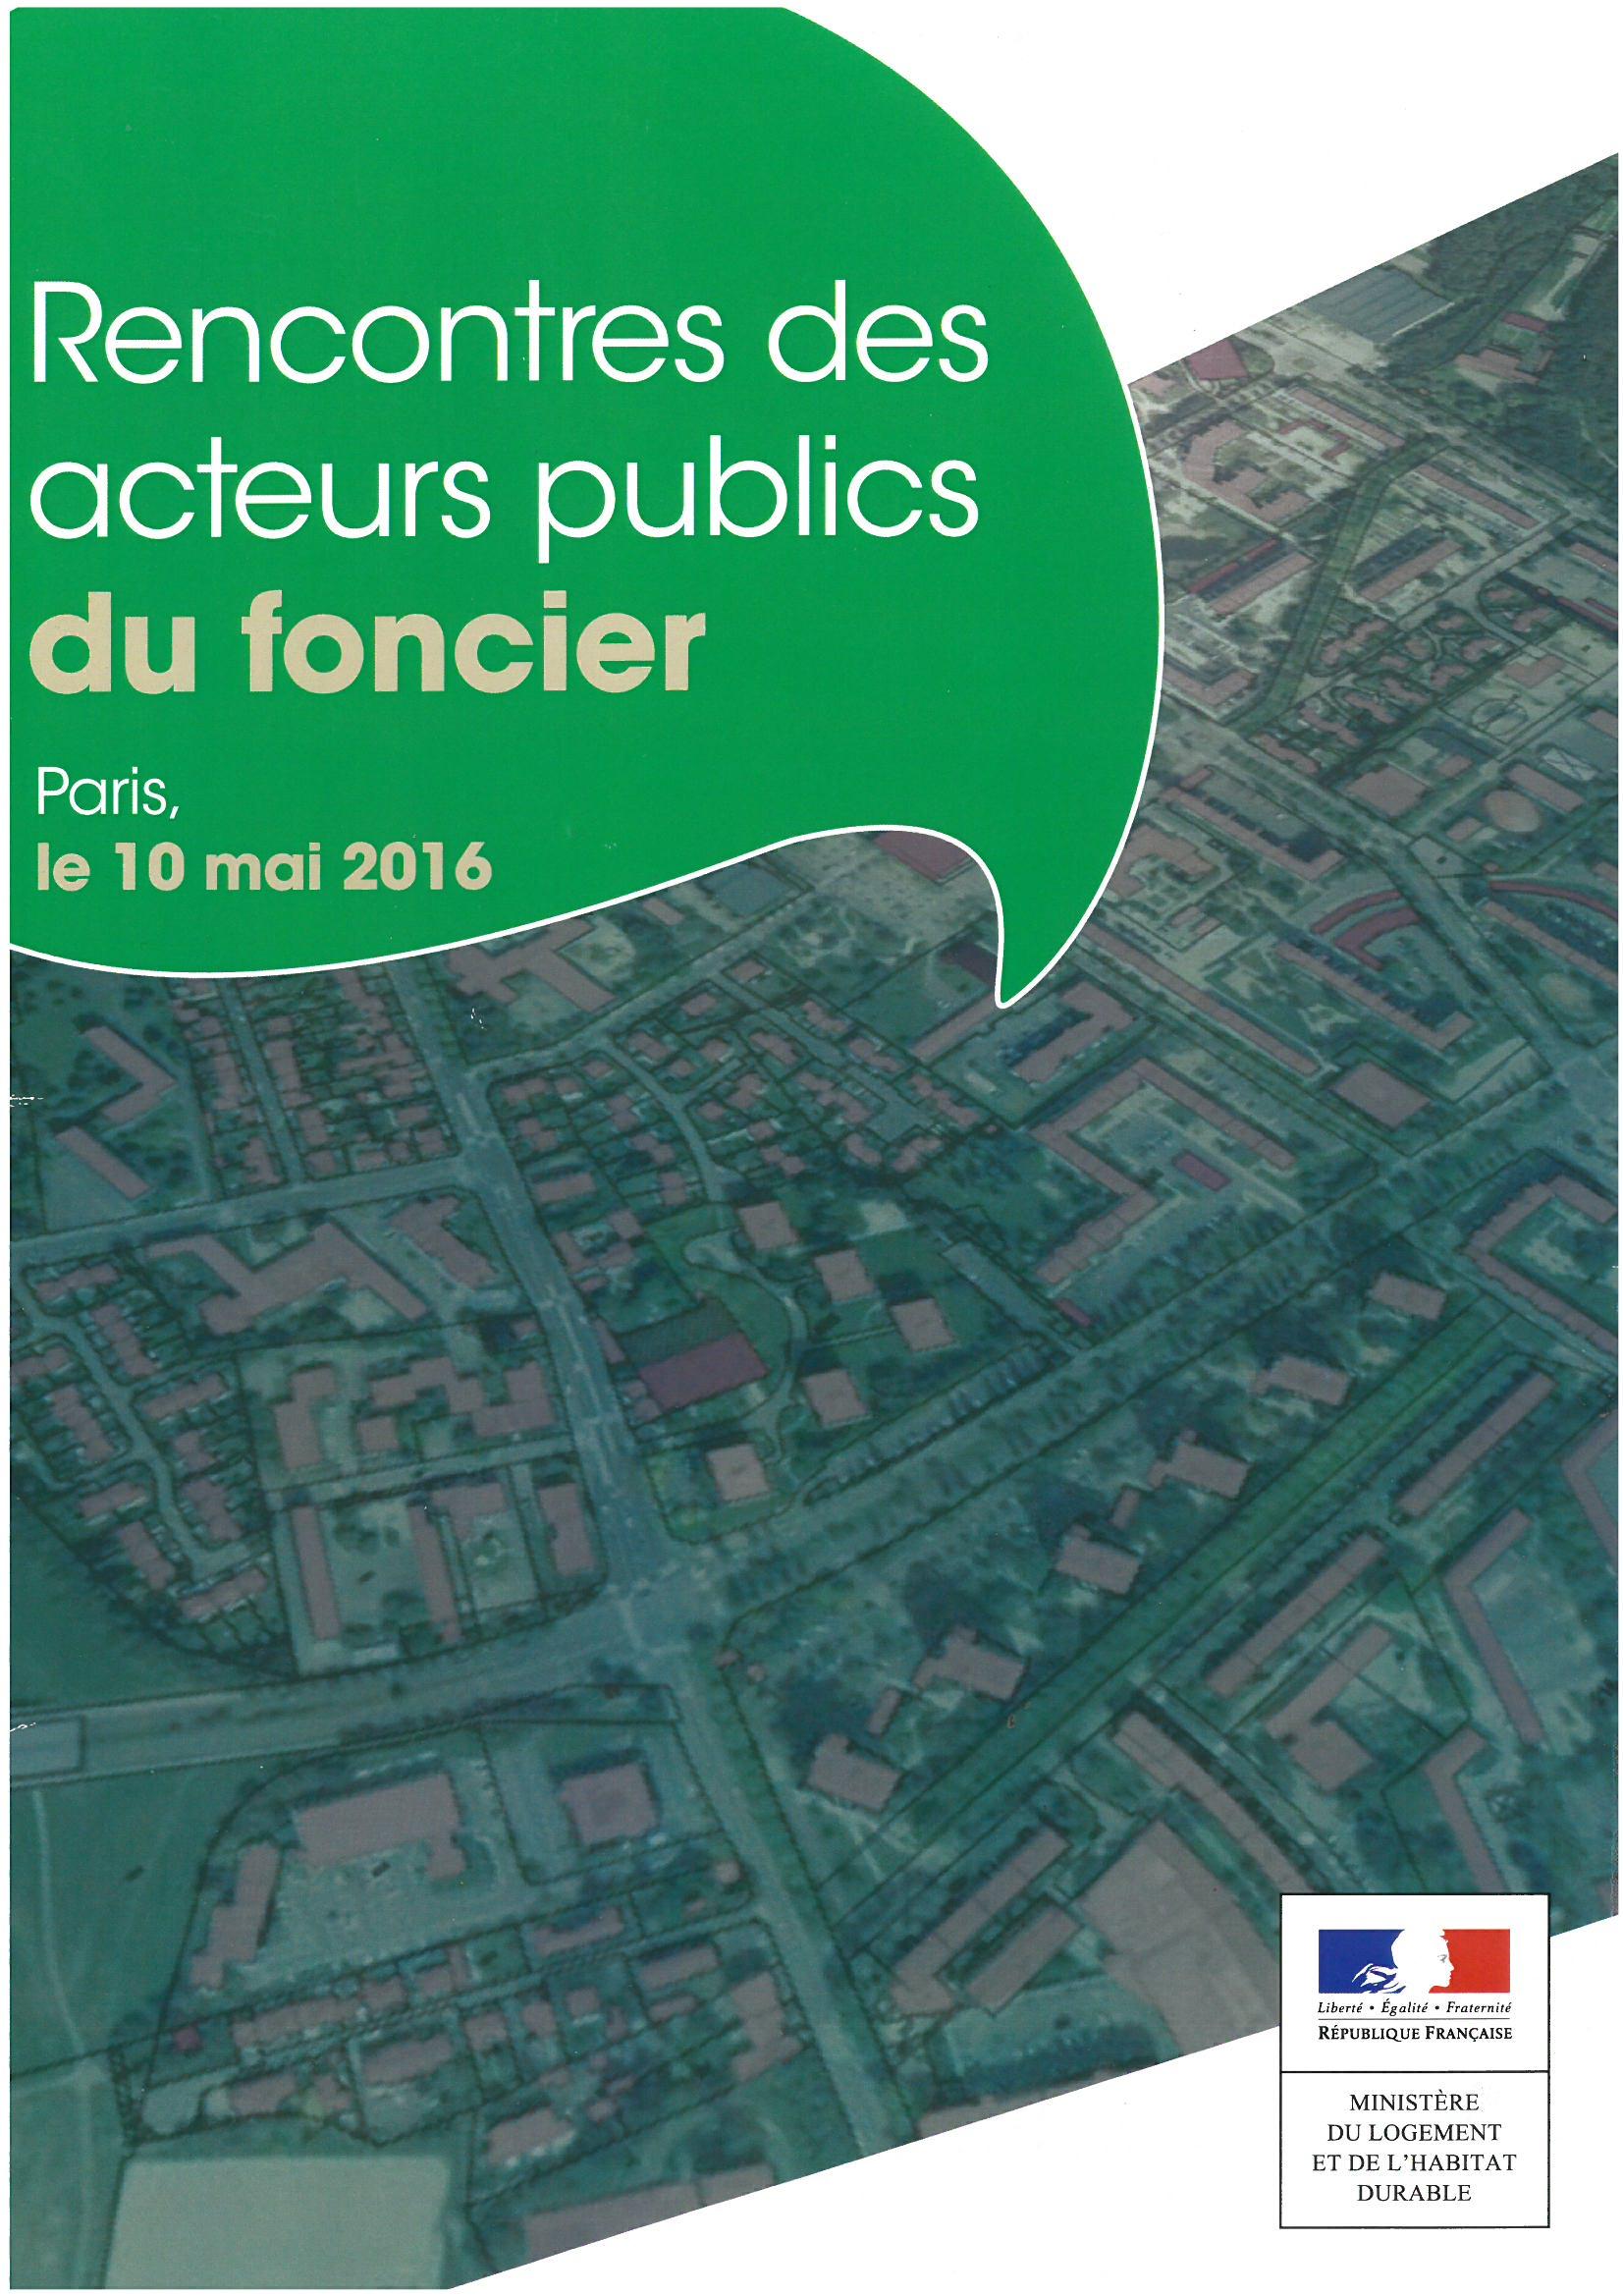 Rencontre acteurs publics 2016